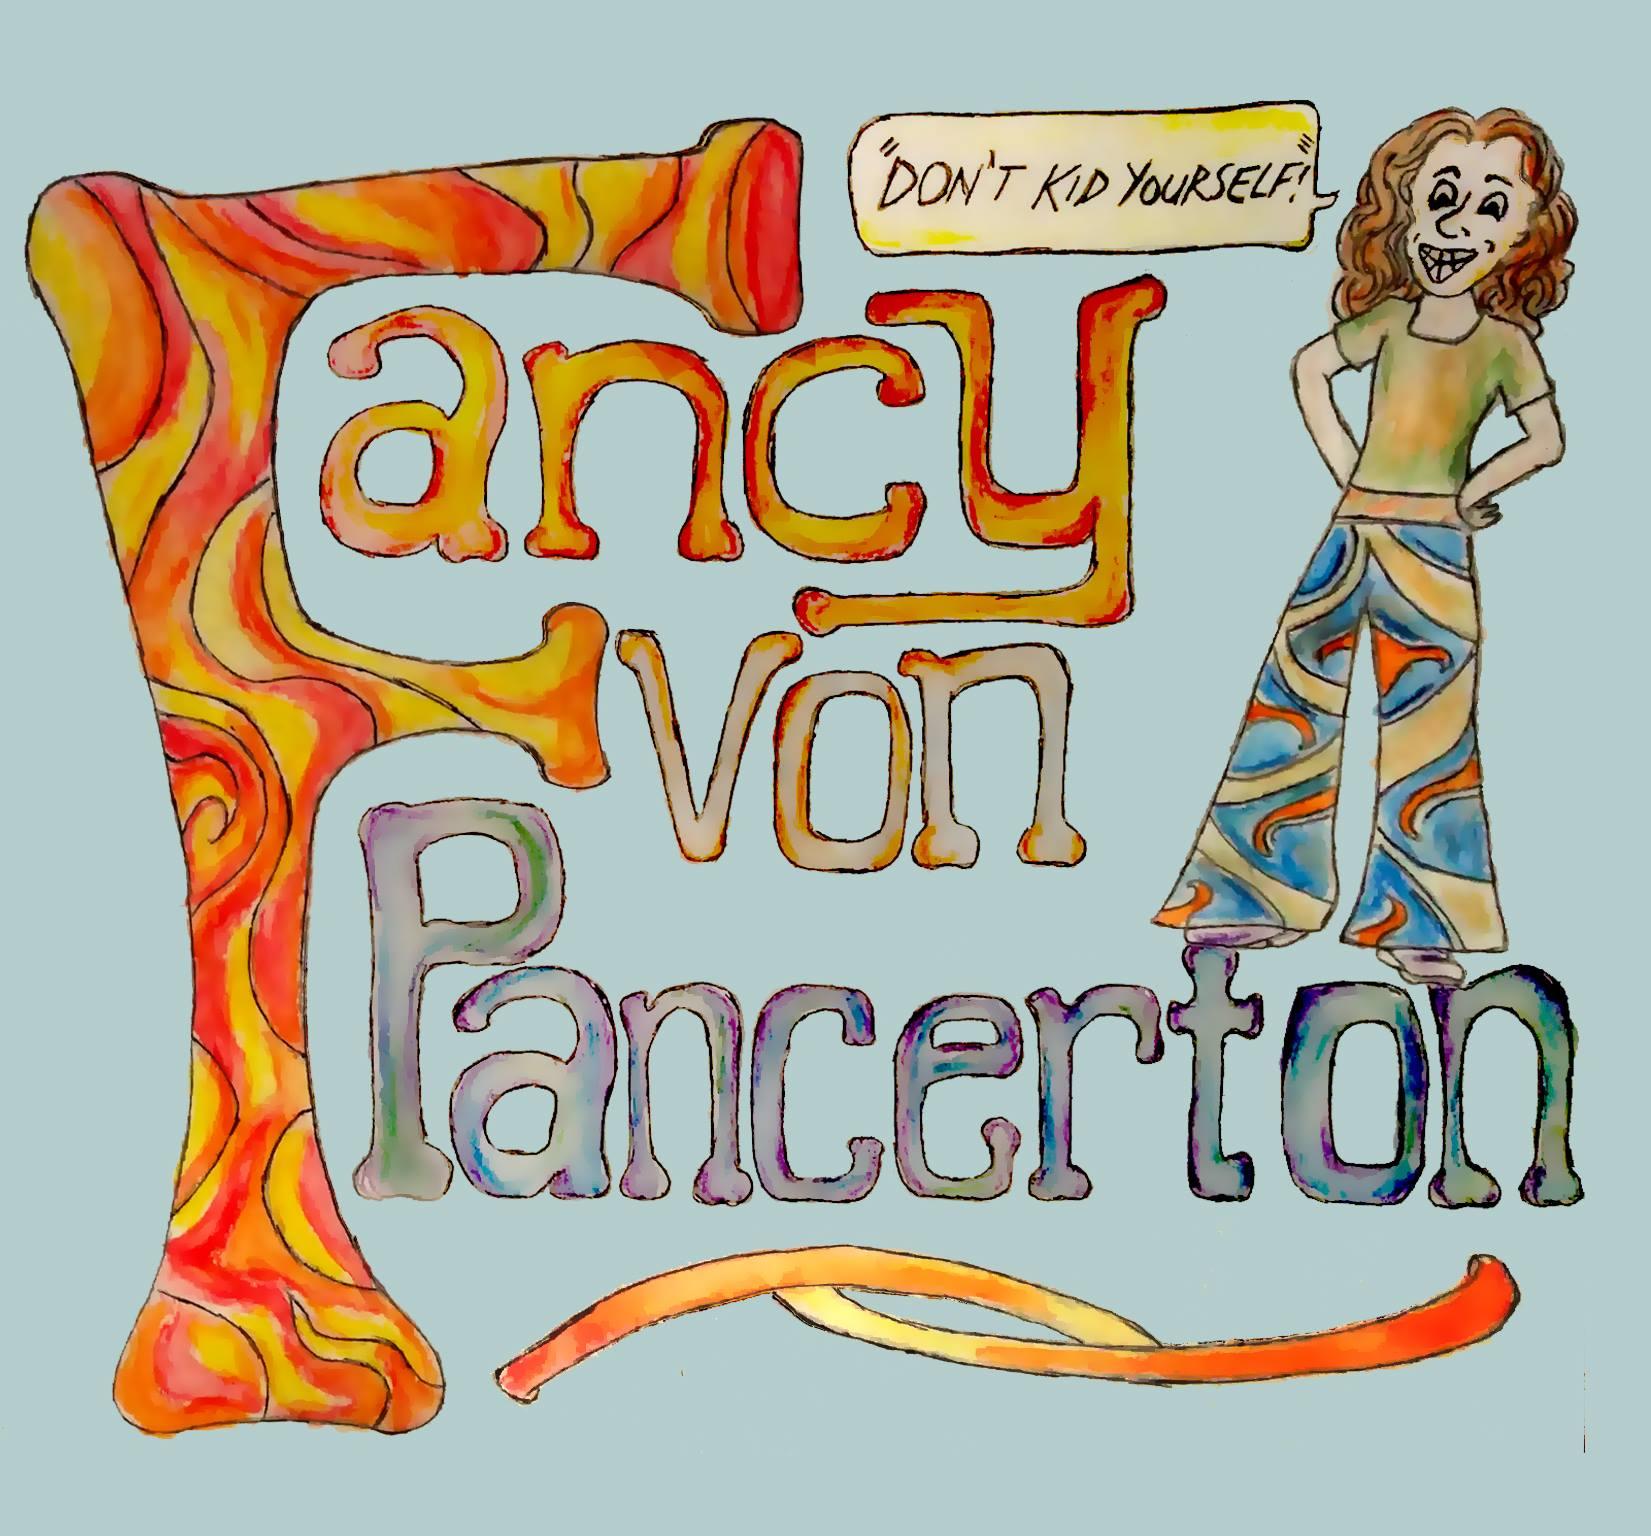 Fancy von Pancerton